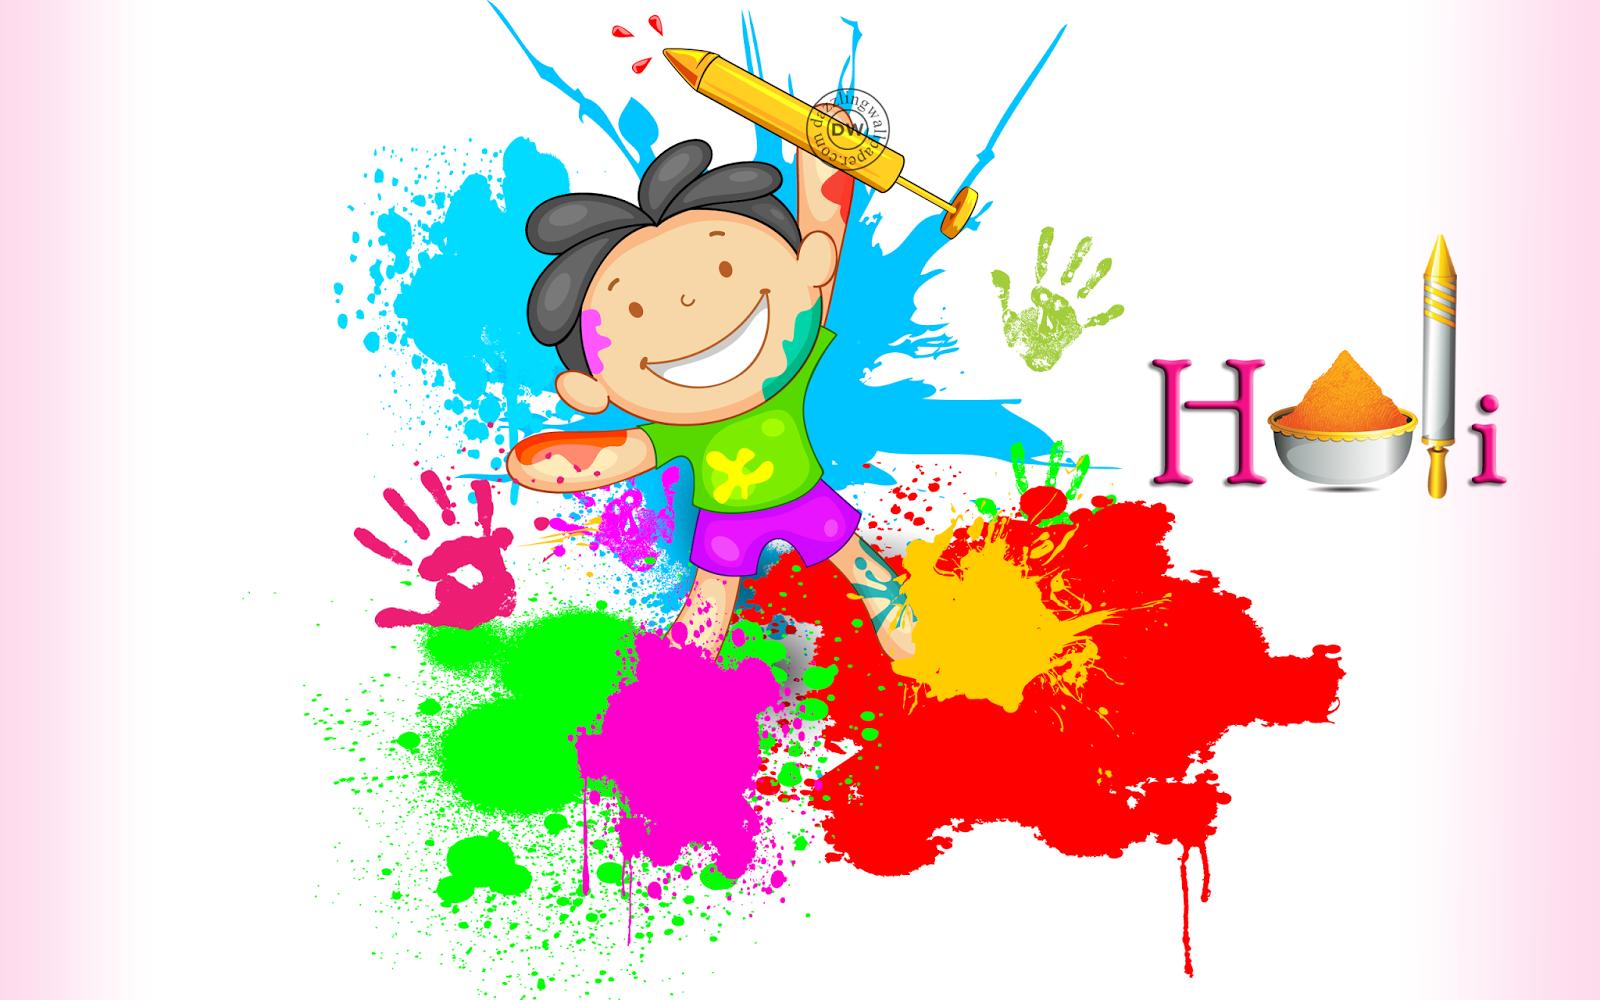 Happy Holi Cartoon Pics